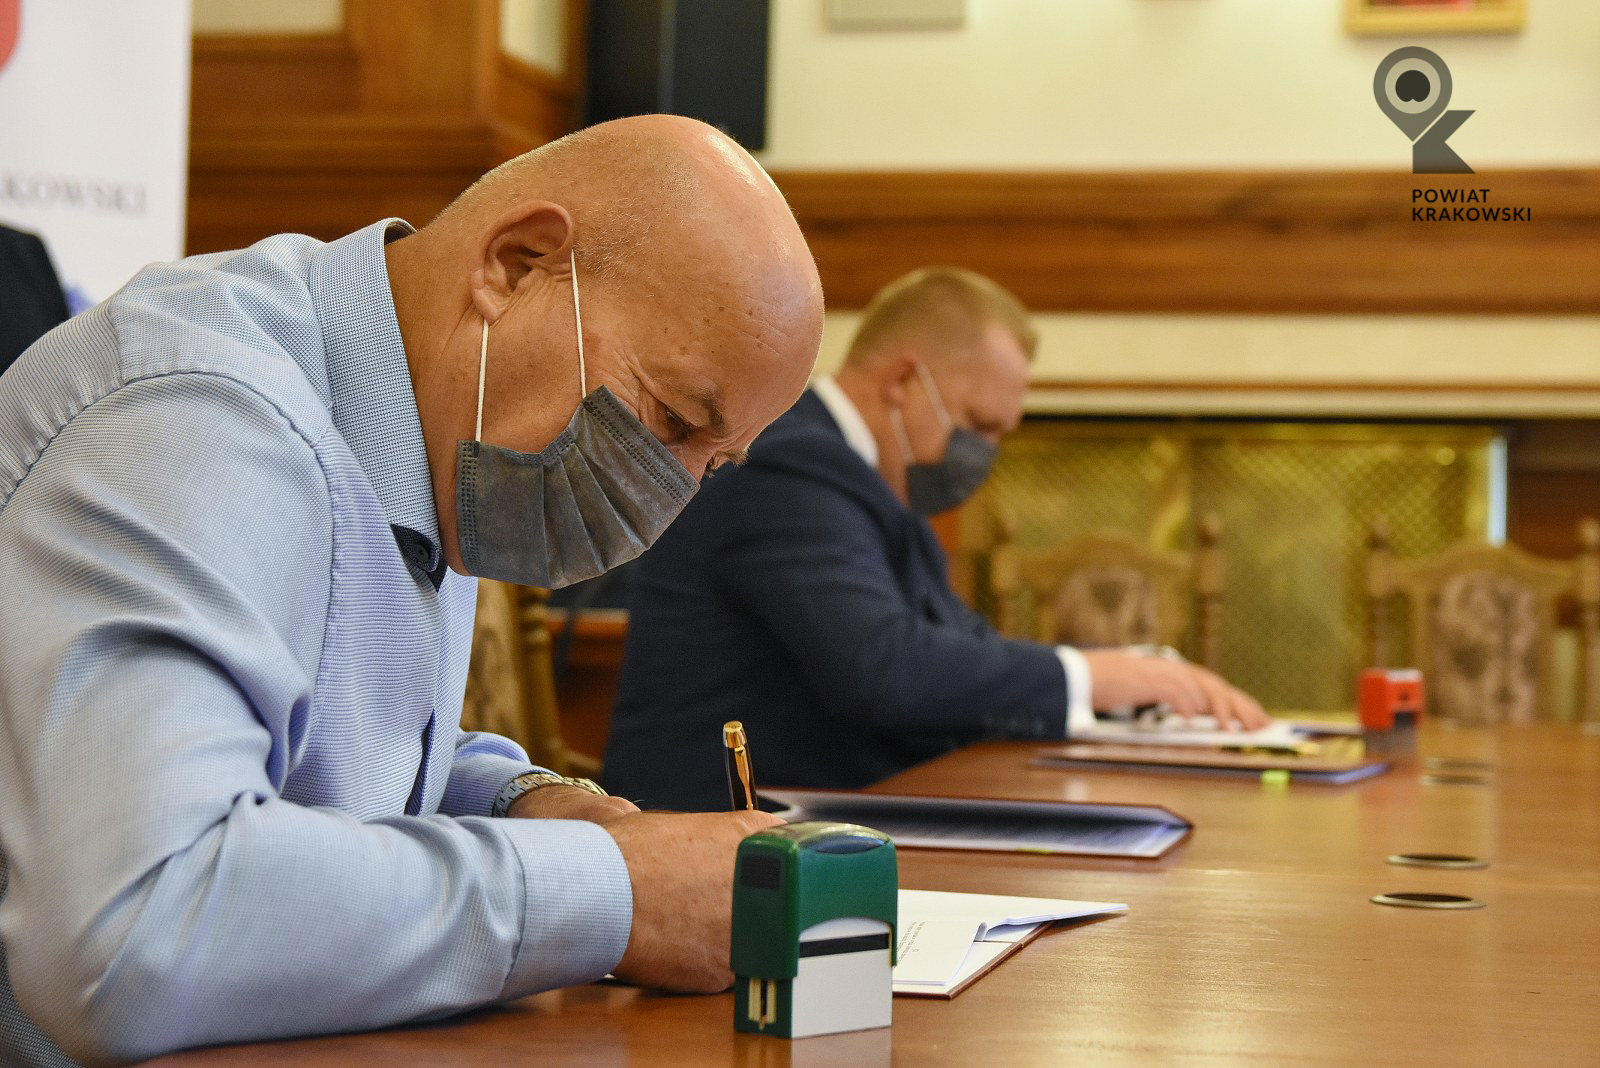 Podpisanie umowy w Starostwie Powiatowym w Krakowie 4